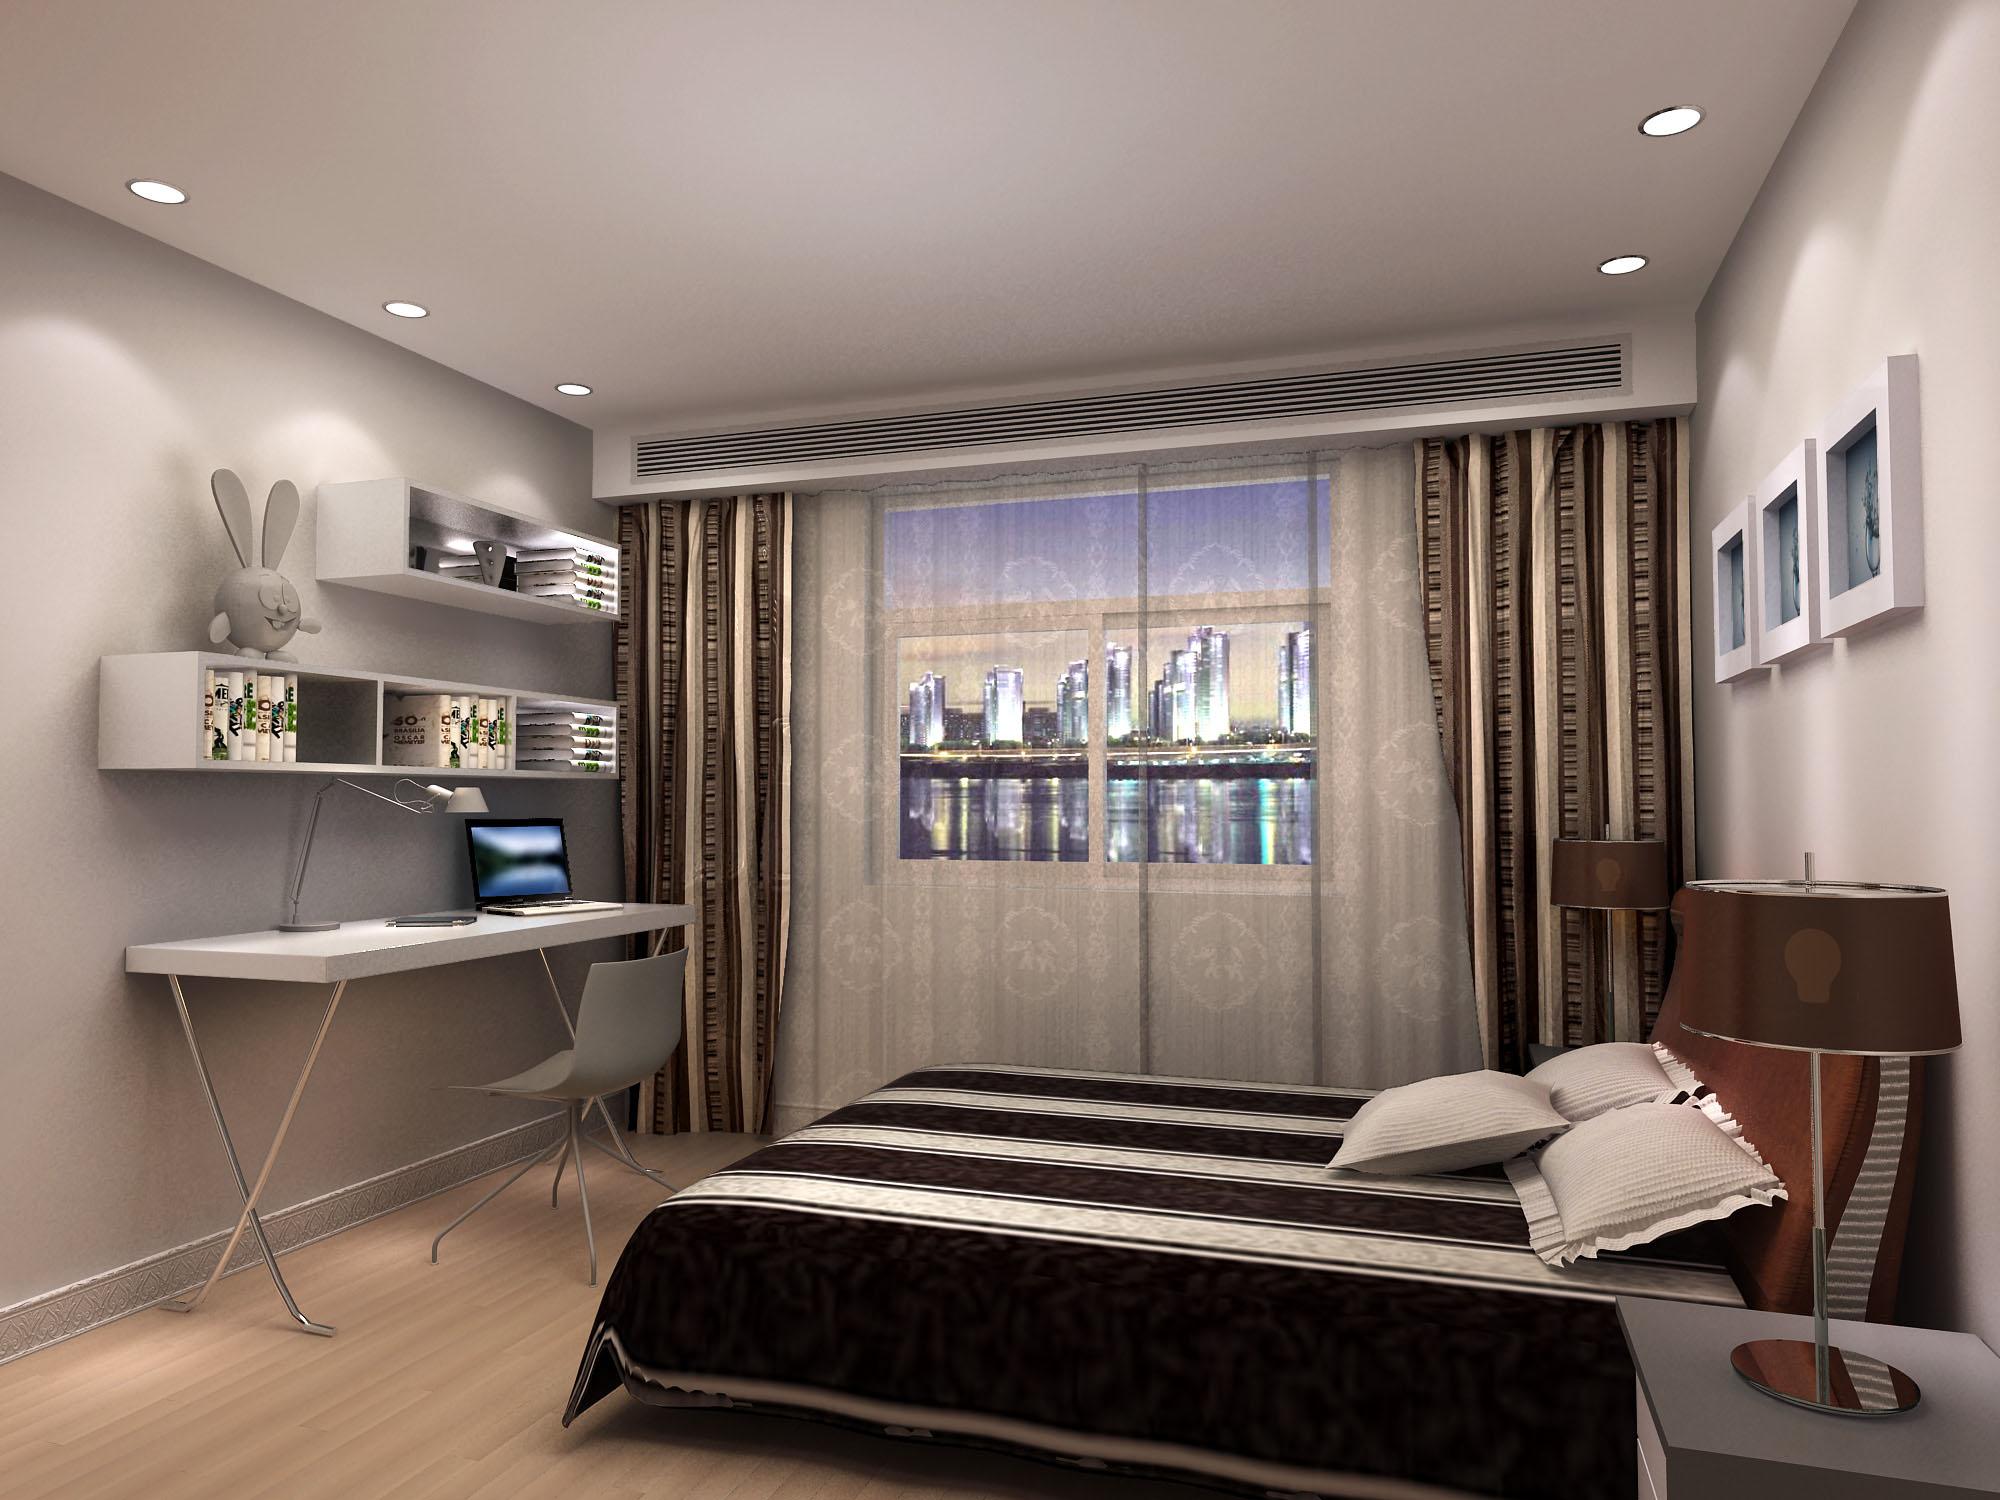 三室两厅房屋装修设计方案 1000元 16376号任务 k68创意